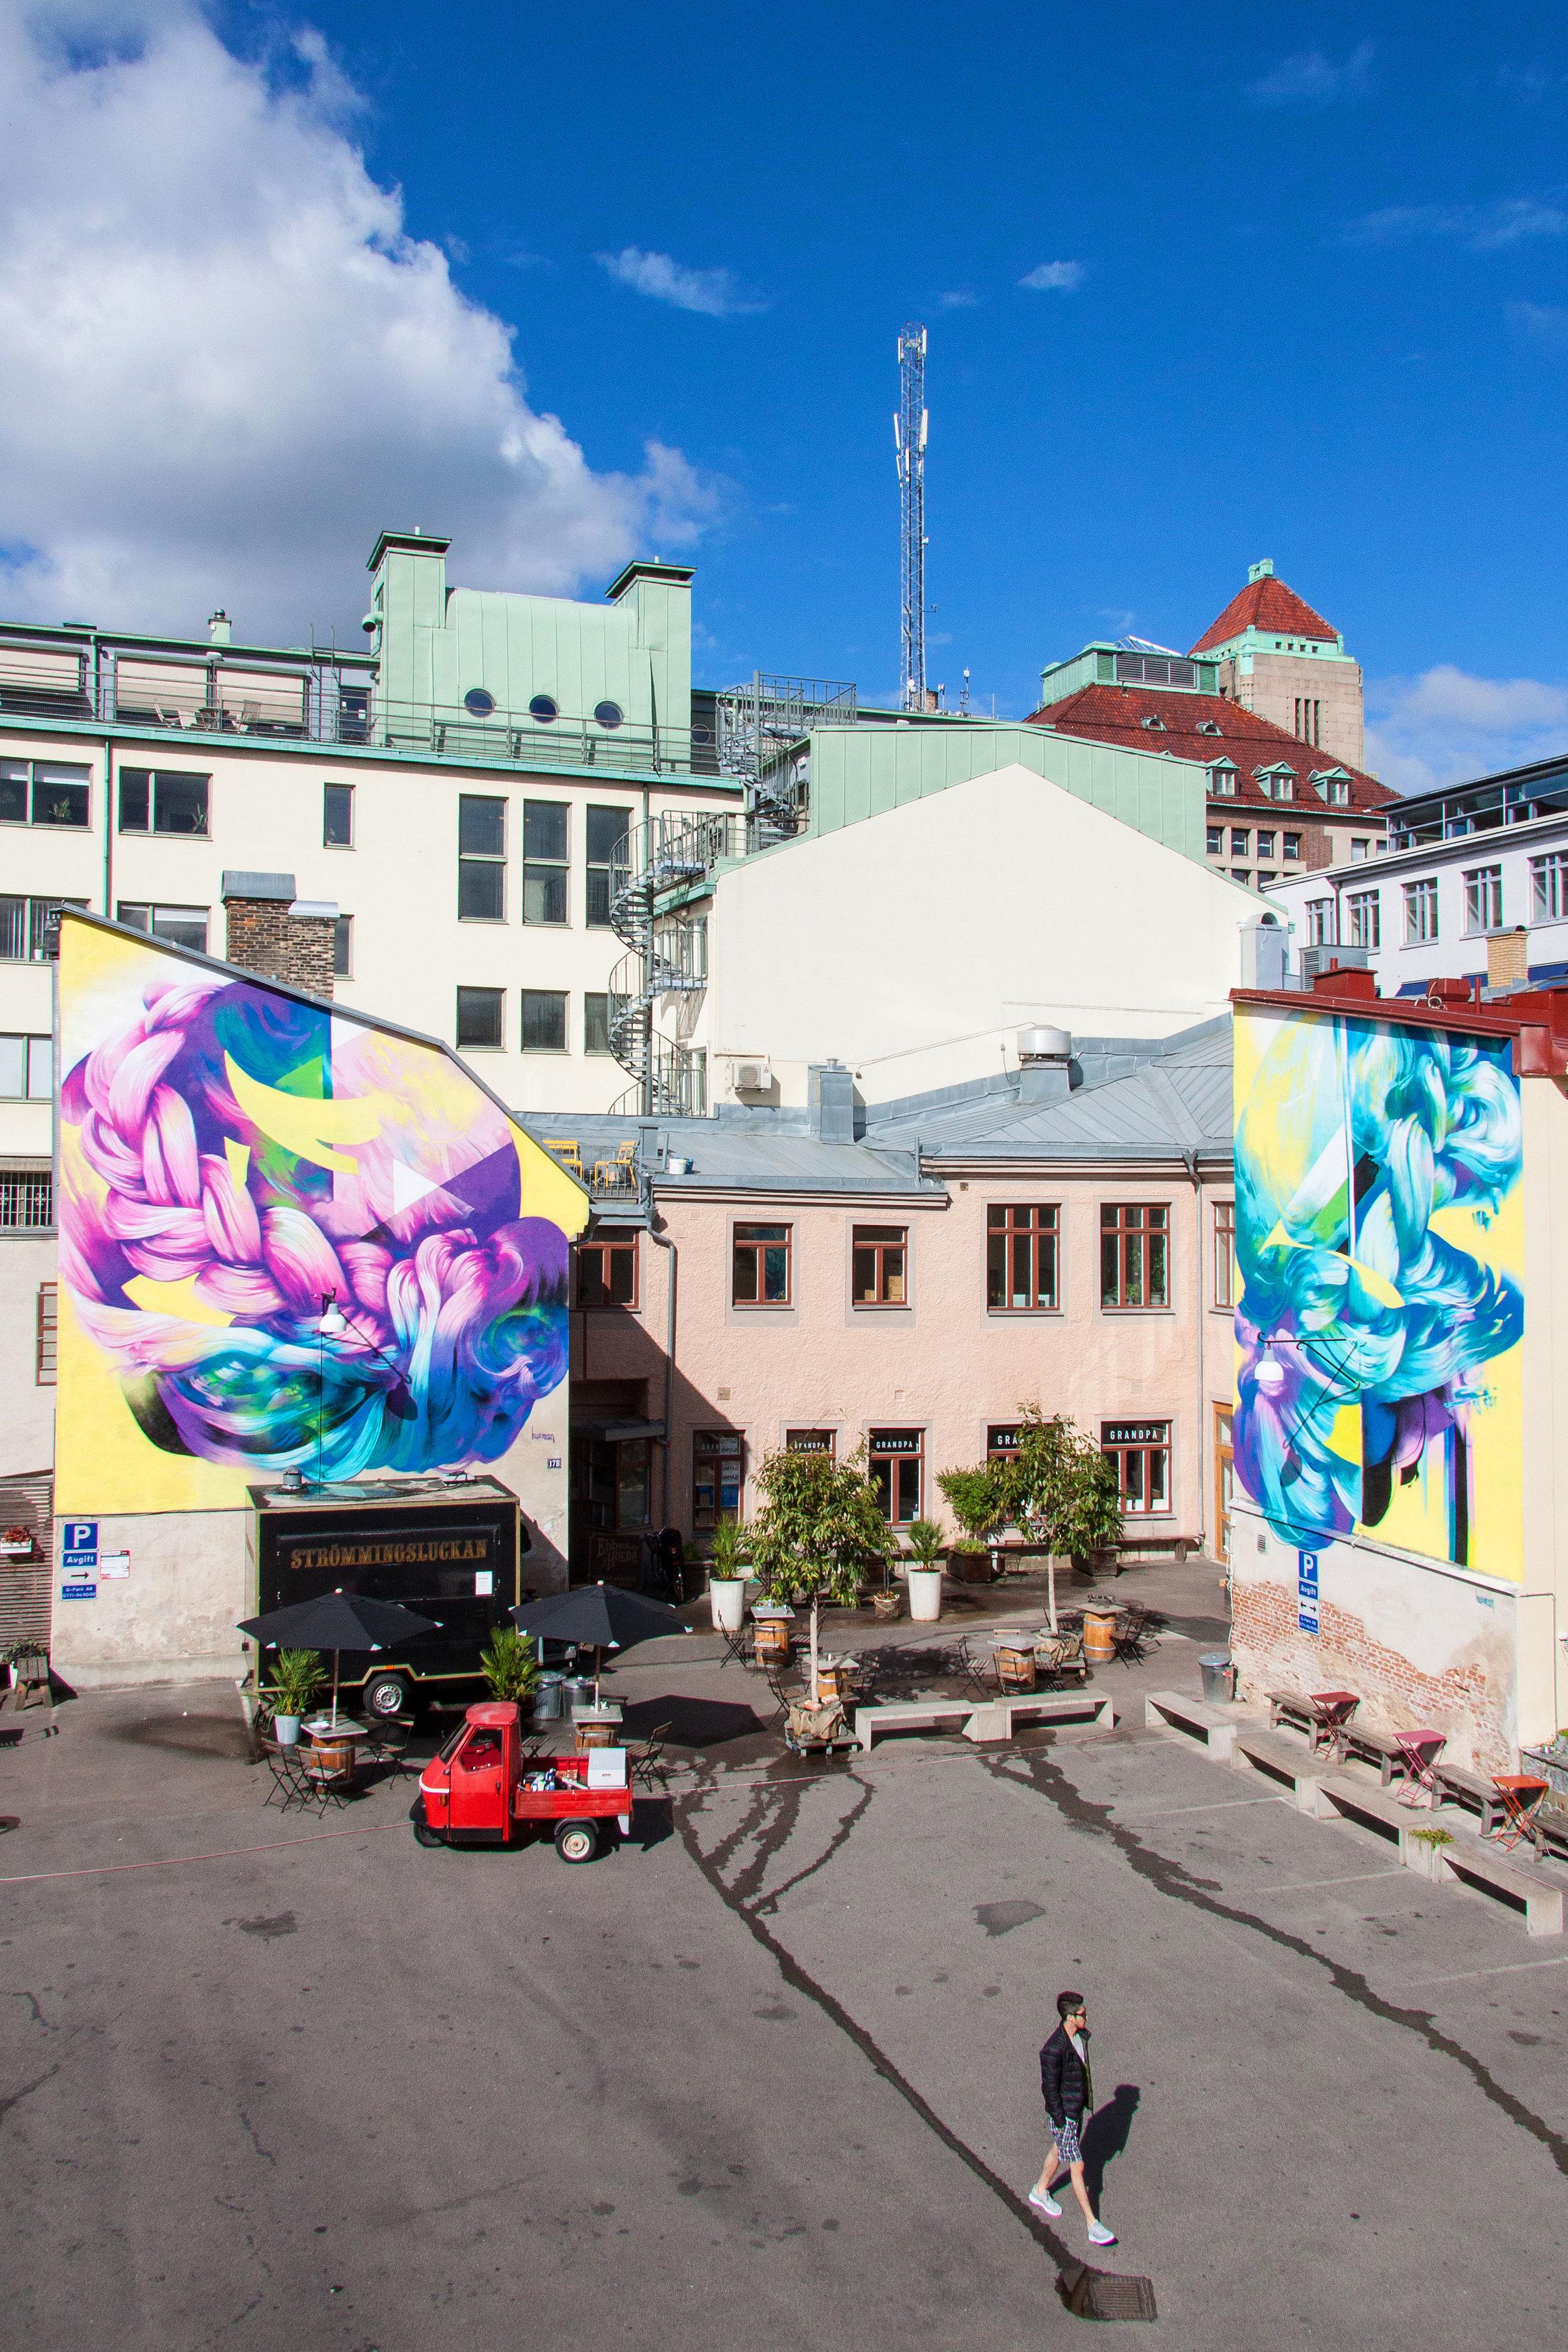 HUEMAN_Artscape_2016_FredrikÅkerberg_2719x4078.jpg